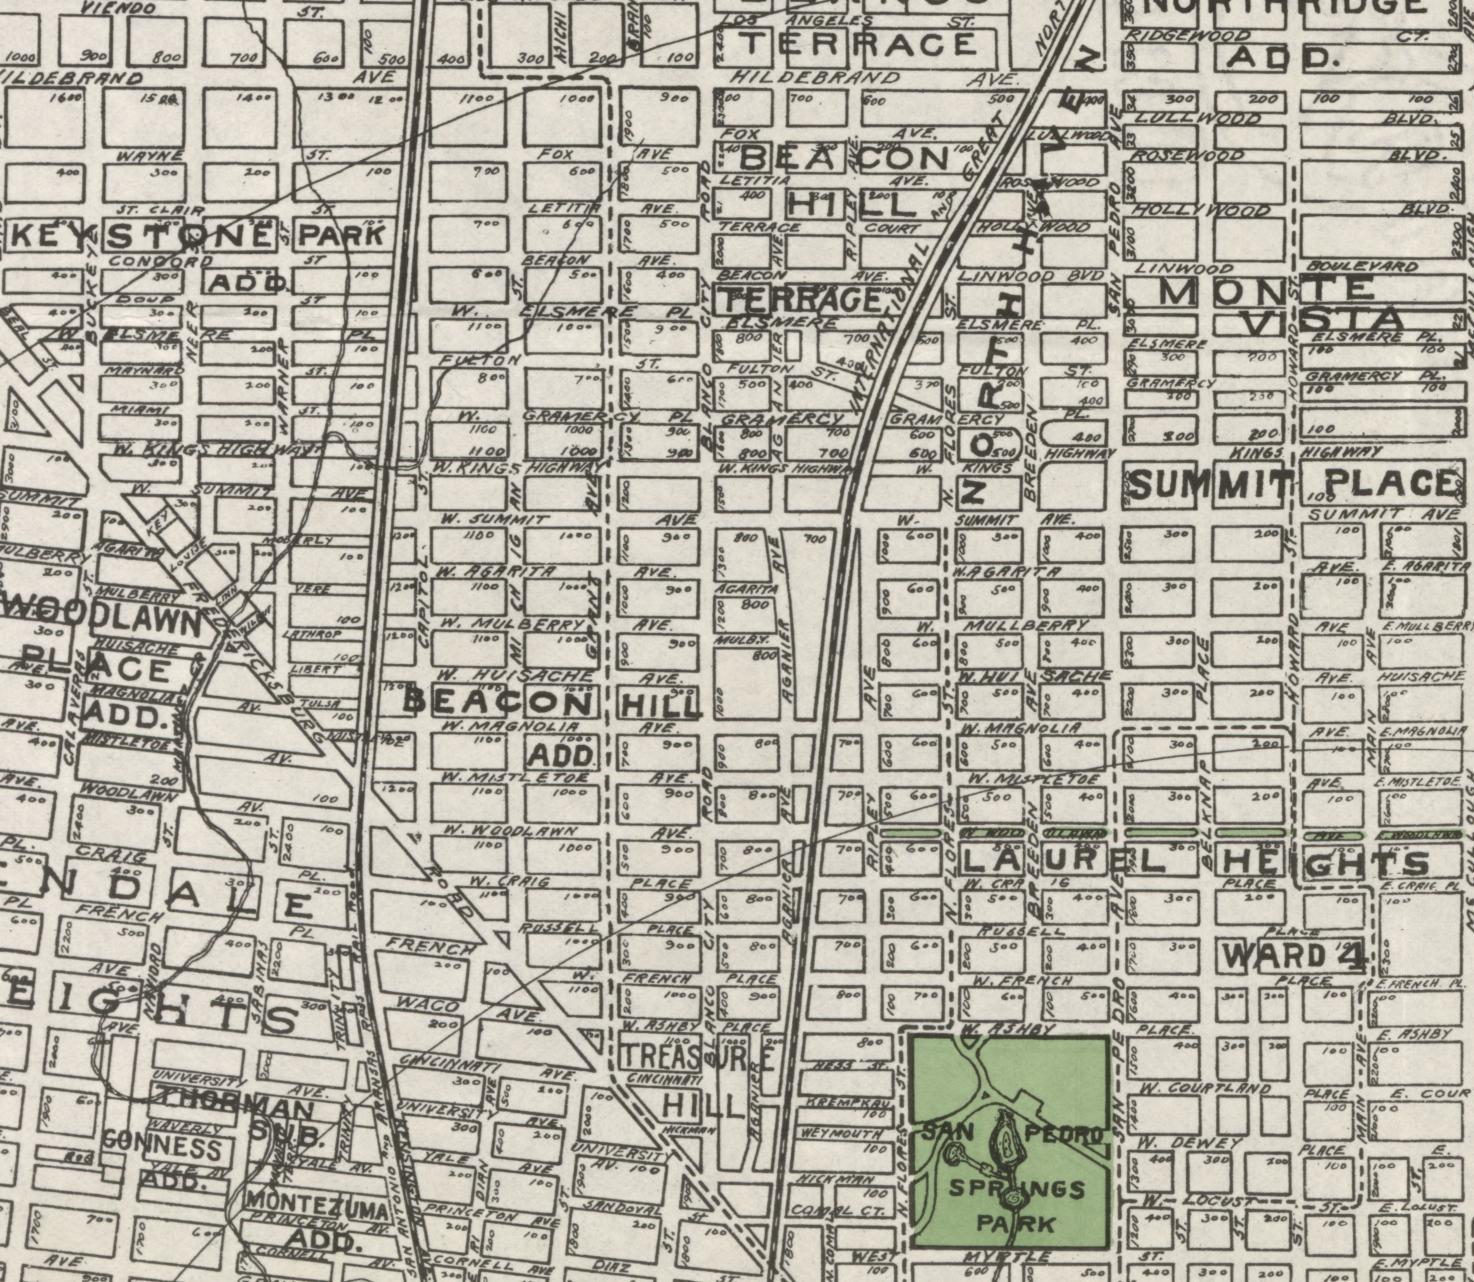 1924 map